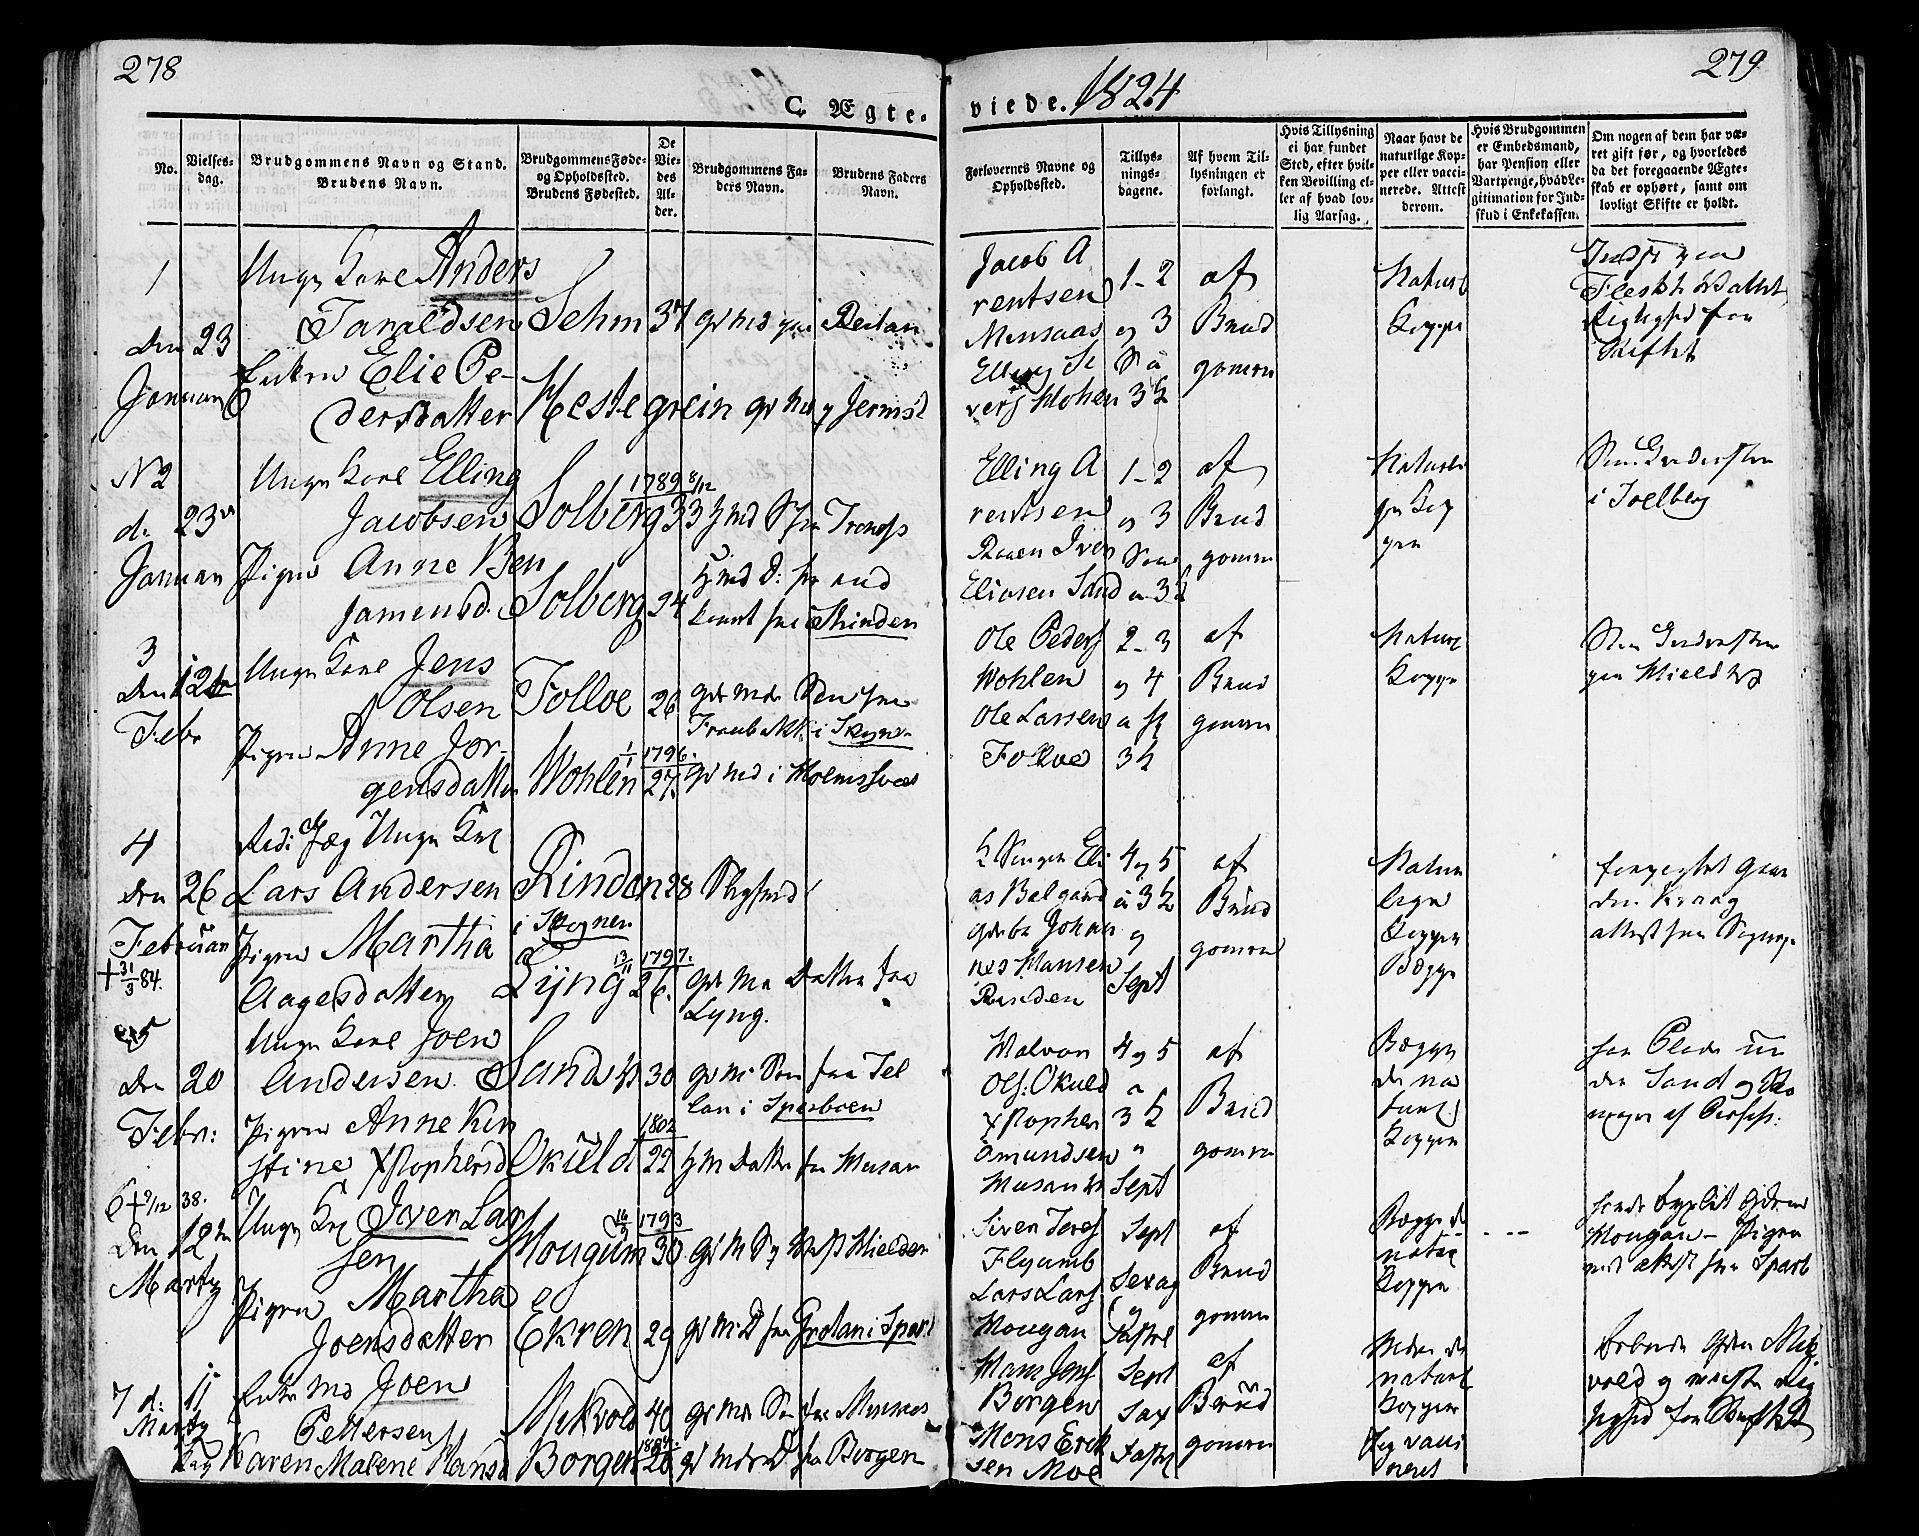 SAT, Ministerialprotokoller, klokkerbøker og fødselsregistre - Nord-Trøndelag, 723/L0237: Ministerialbok nr. 723A06, 1822-1830, s. 278-279